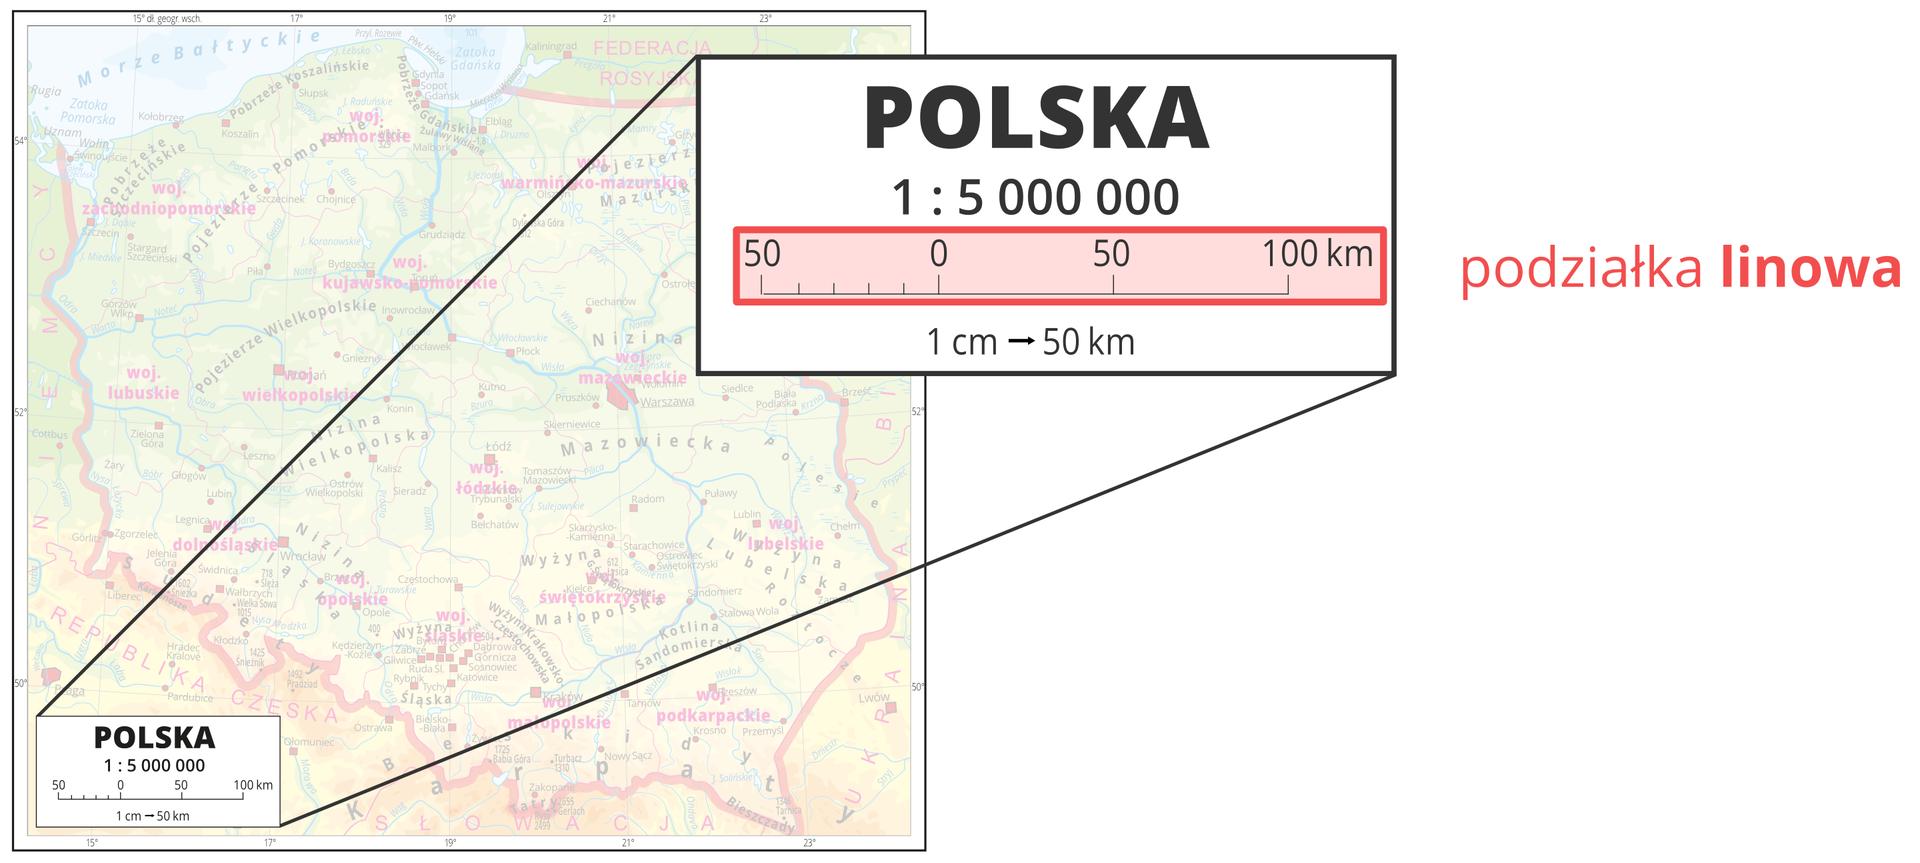 Druga ilustracja pokazuje powiększenie legendy mapy ze skalą mianowaną jeden centymetr do pięćdziesięciu kilometrów, co oznacza, że jednemu centymetrowi na mapie odpowiada pięćdziesiąt kilometrów wterenie.